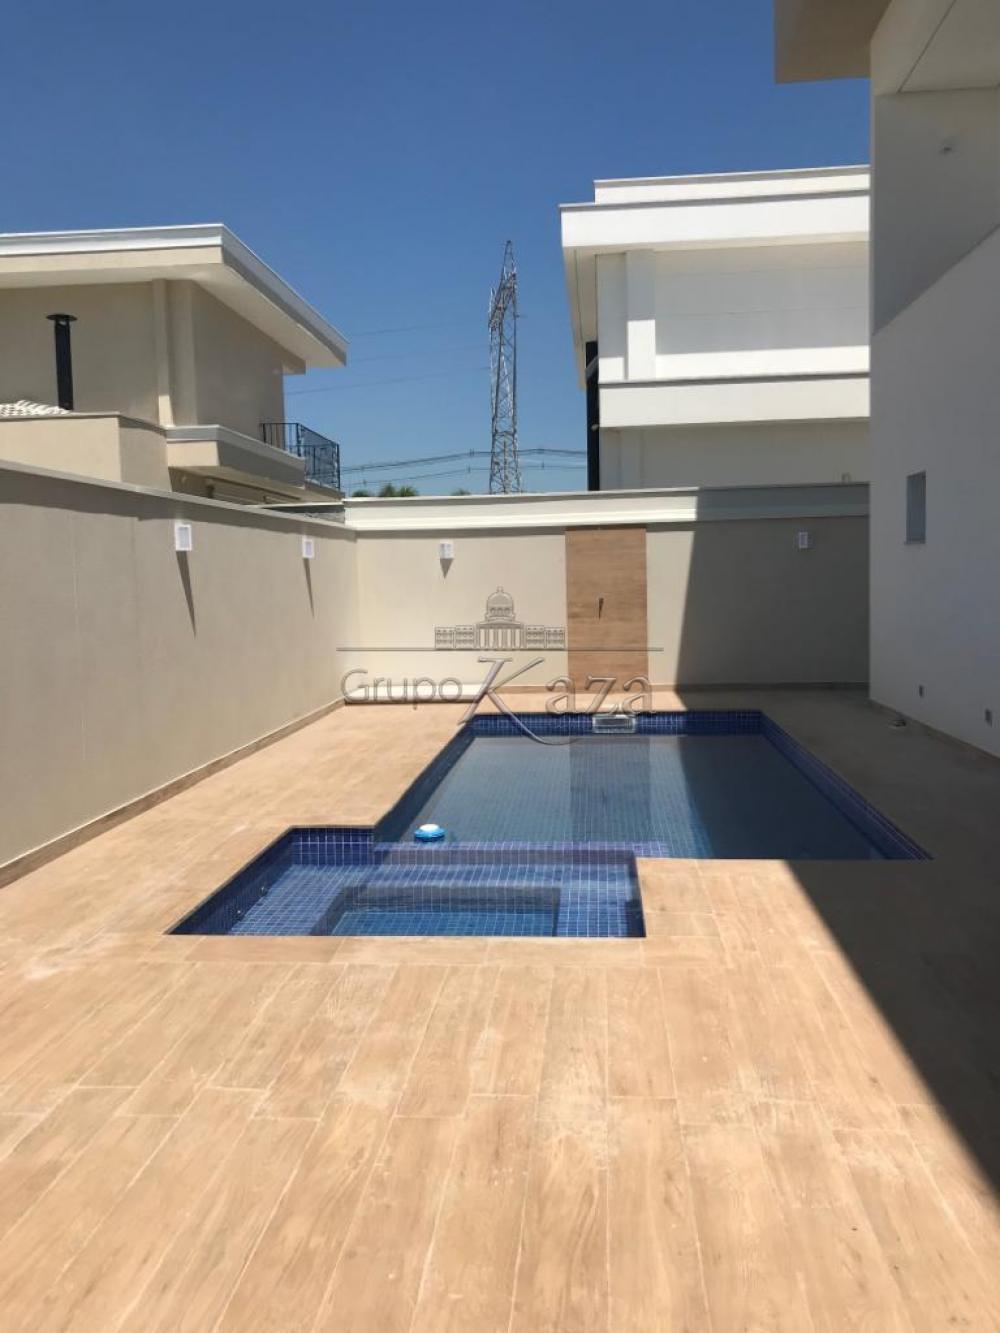 Comprar Casa / Condomínio em São José dos Campos apenas R$ 2.000.000,00 - Foto 24